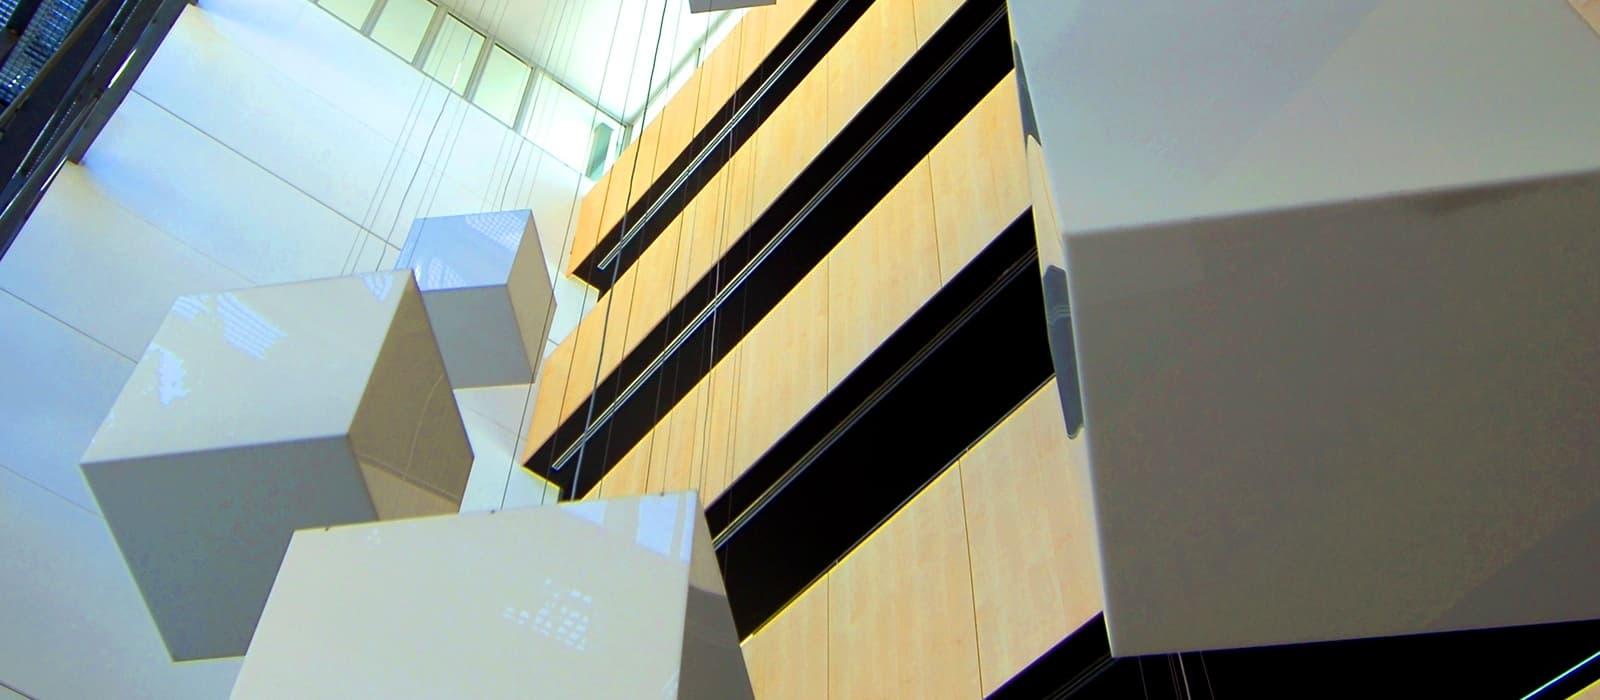 Hoteles Vincci. Hotel Vincci Marítimo Barcellona centro